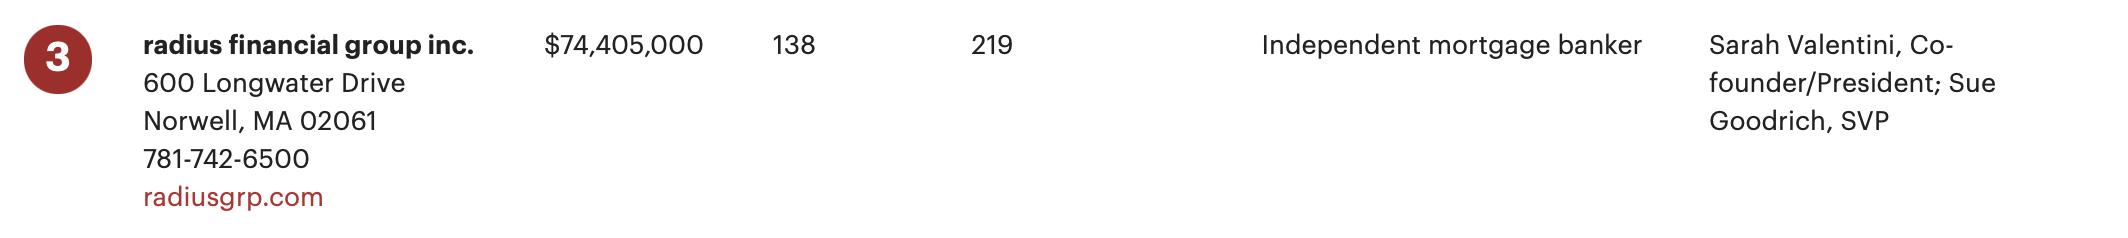 2021 bbj top women owned rankin